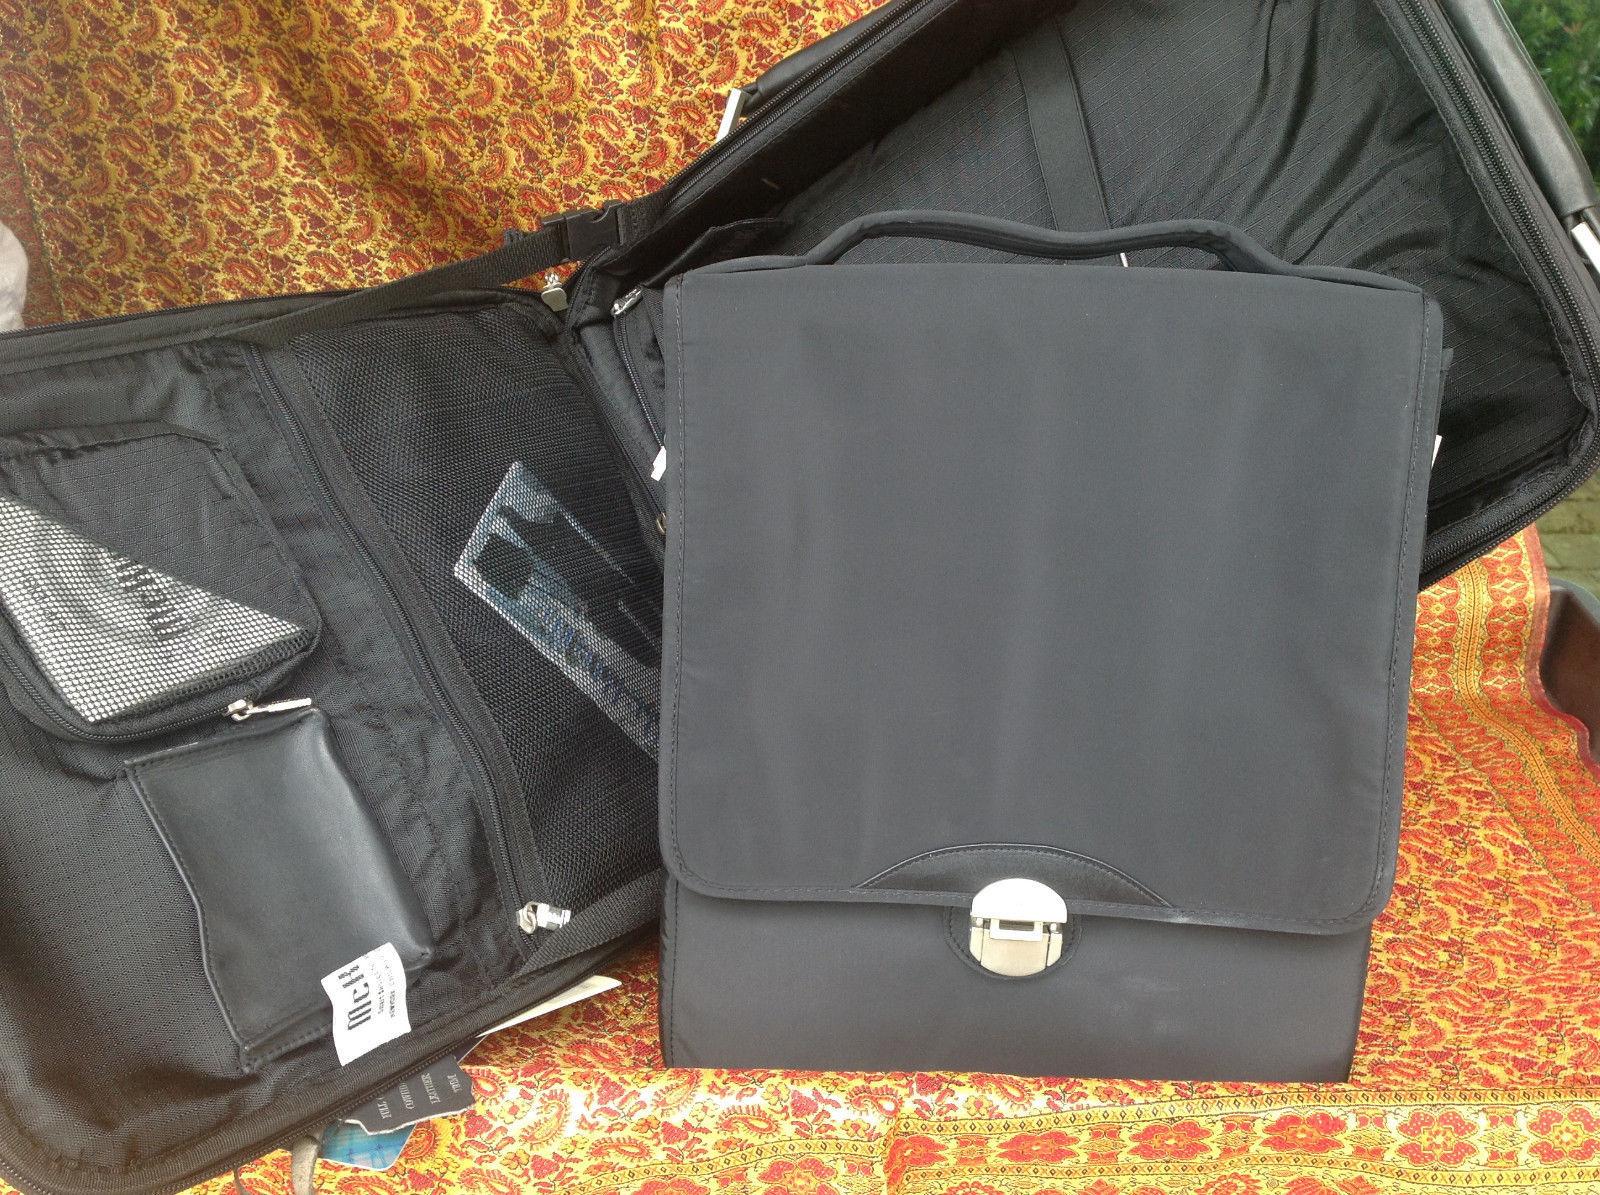 Mcklein Wheeled Transport Computer/ Clothing Case (Black) Ultra Fiber 51695 image 7